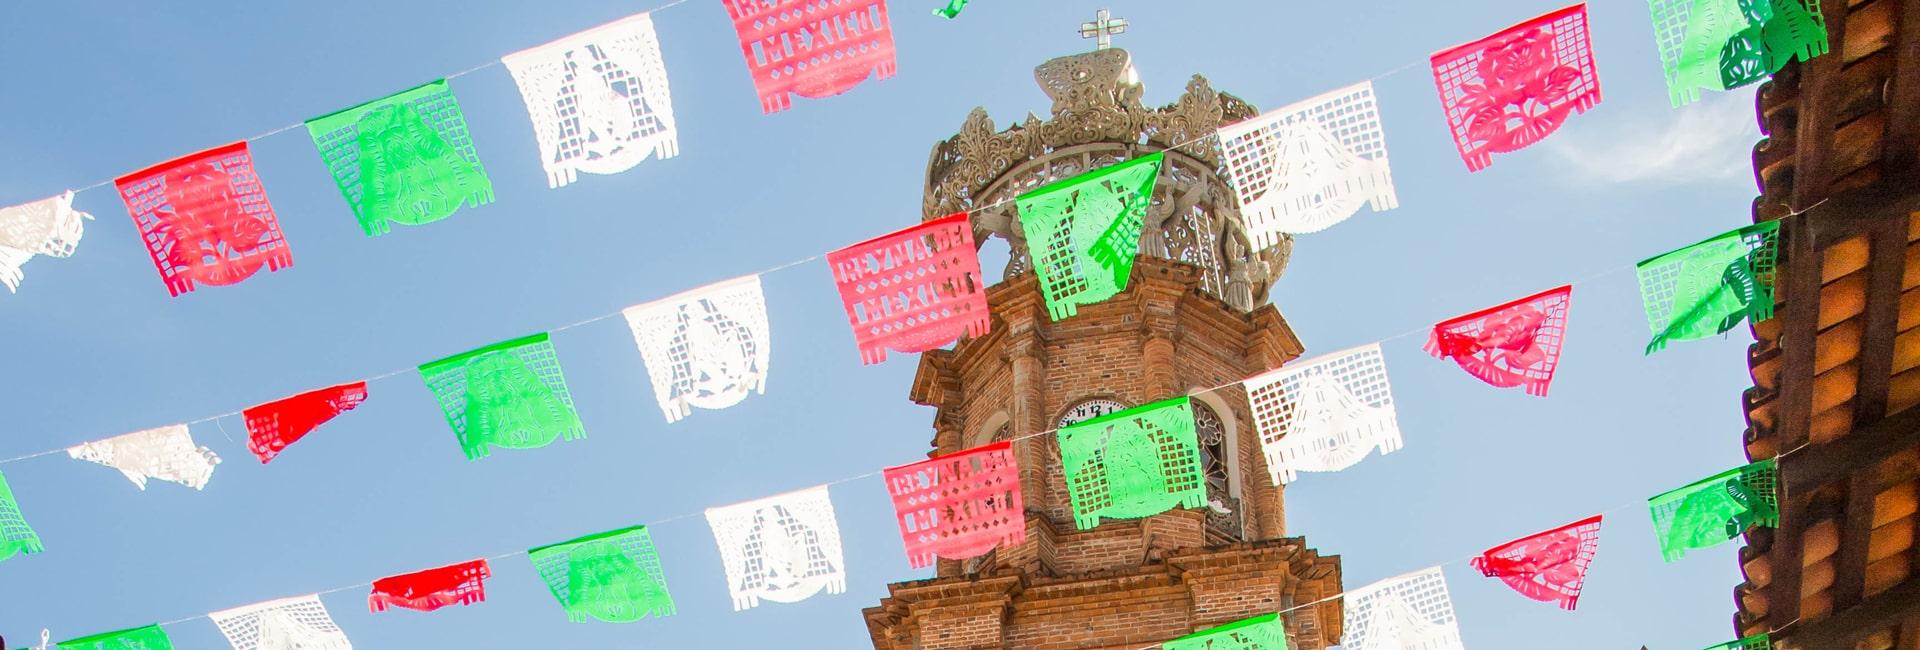 Puerta vallarta events in september